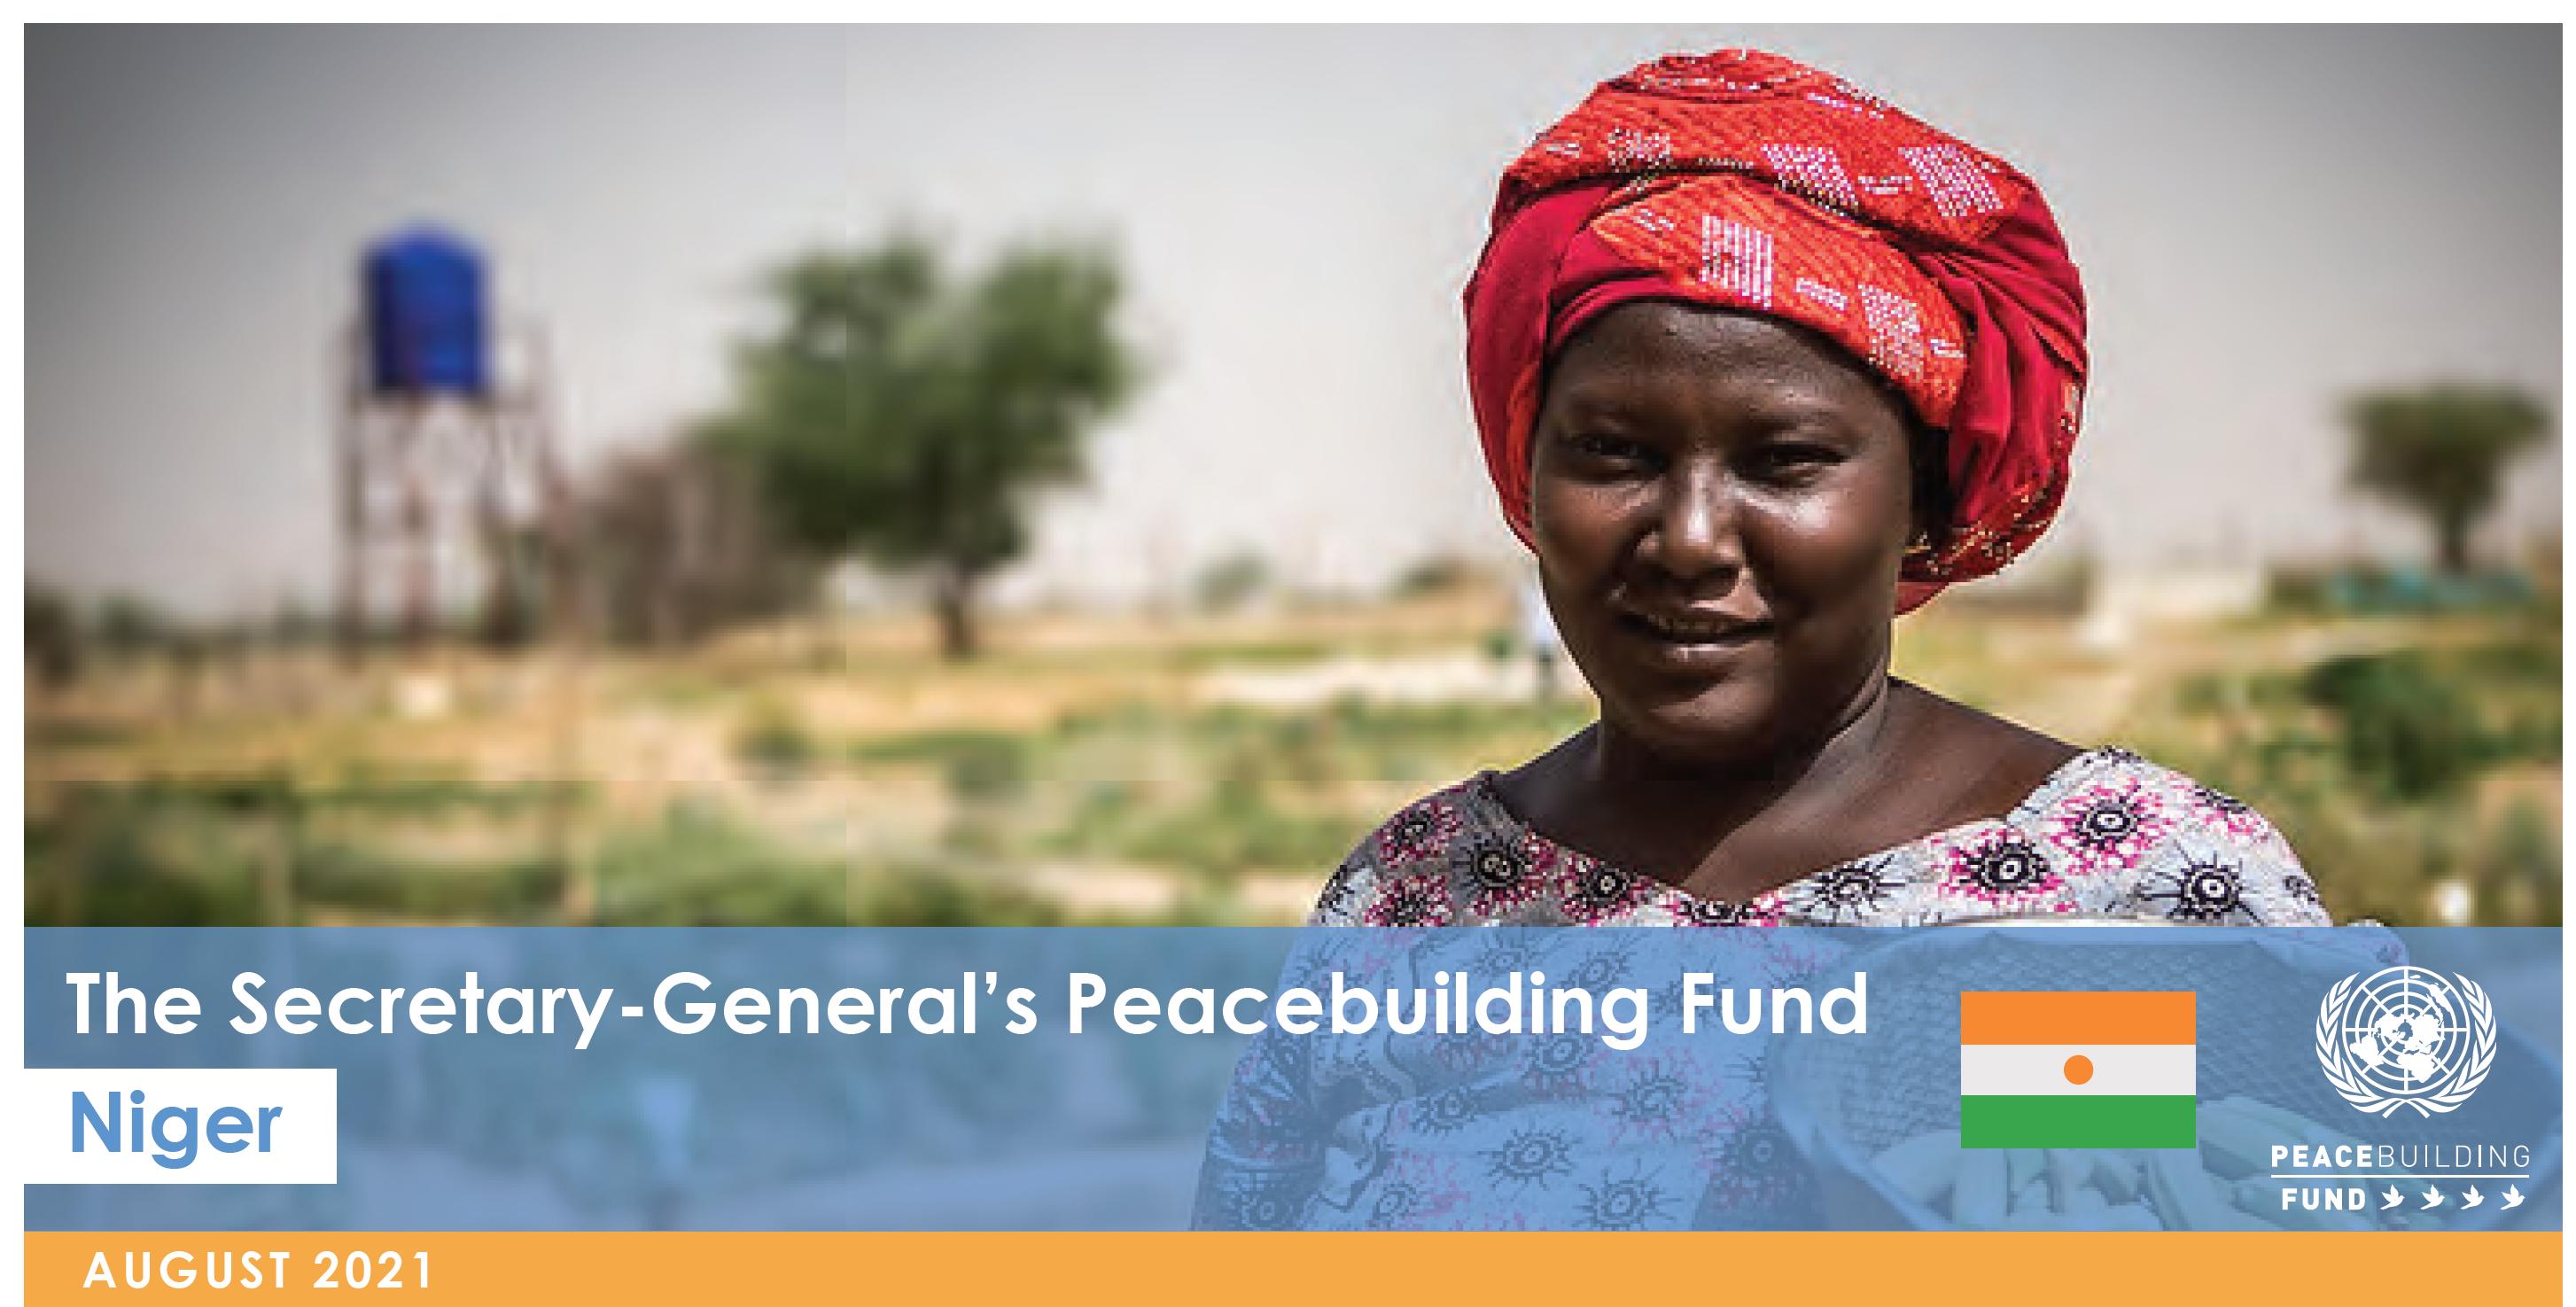 Fonds de consolidation de la paix du Secrétaire général - Niger (août 2021)